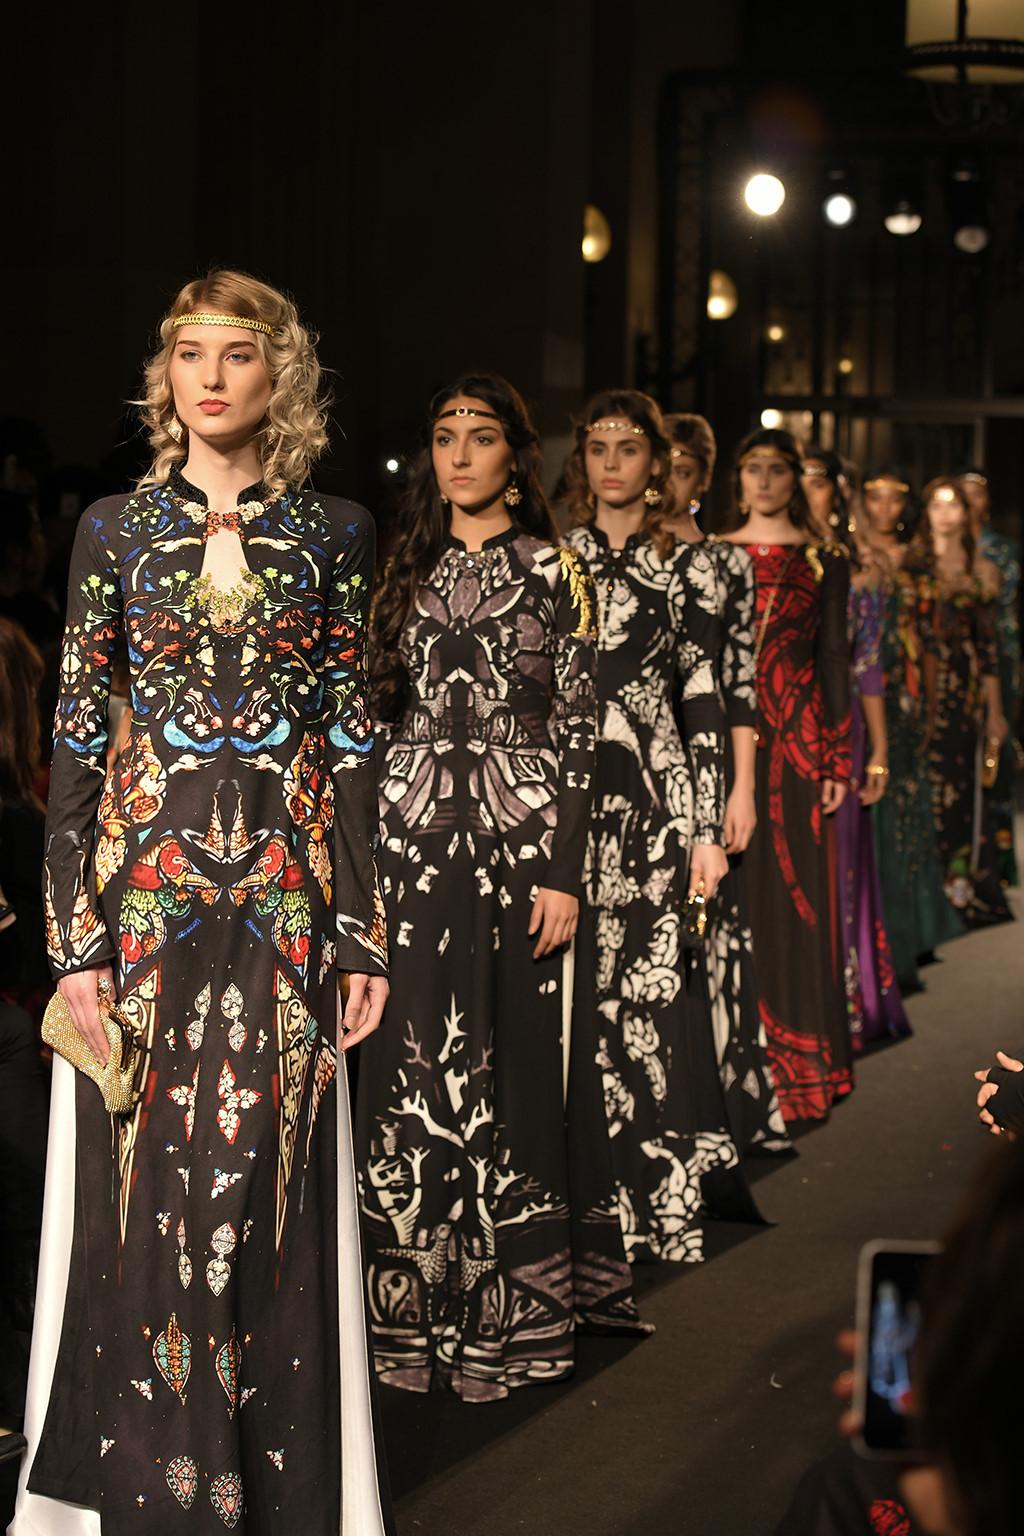 Áo dài Việt xuất hiện trên sàn diễn thời trang Paris